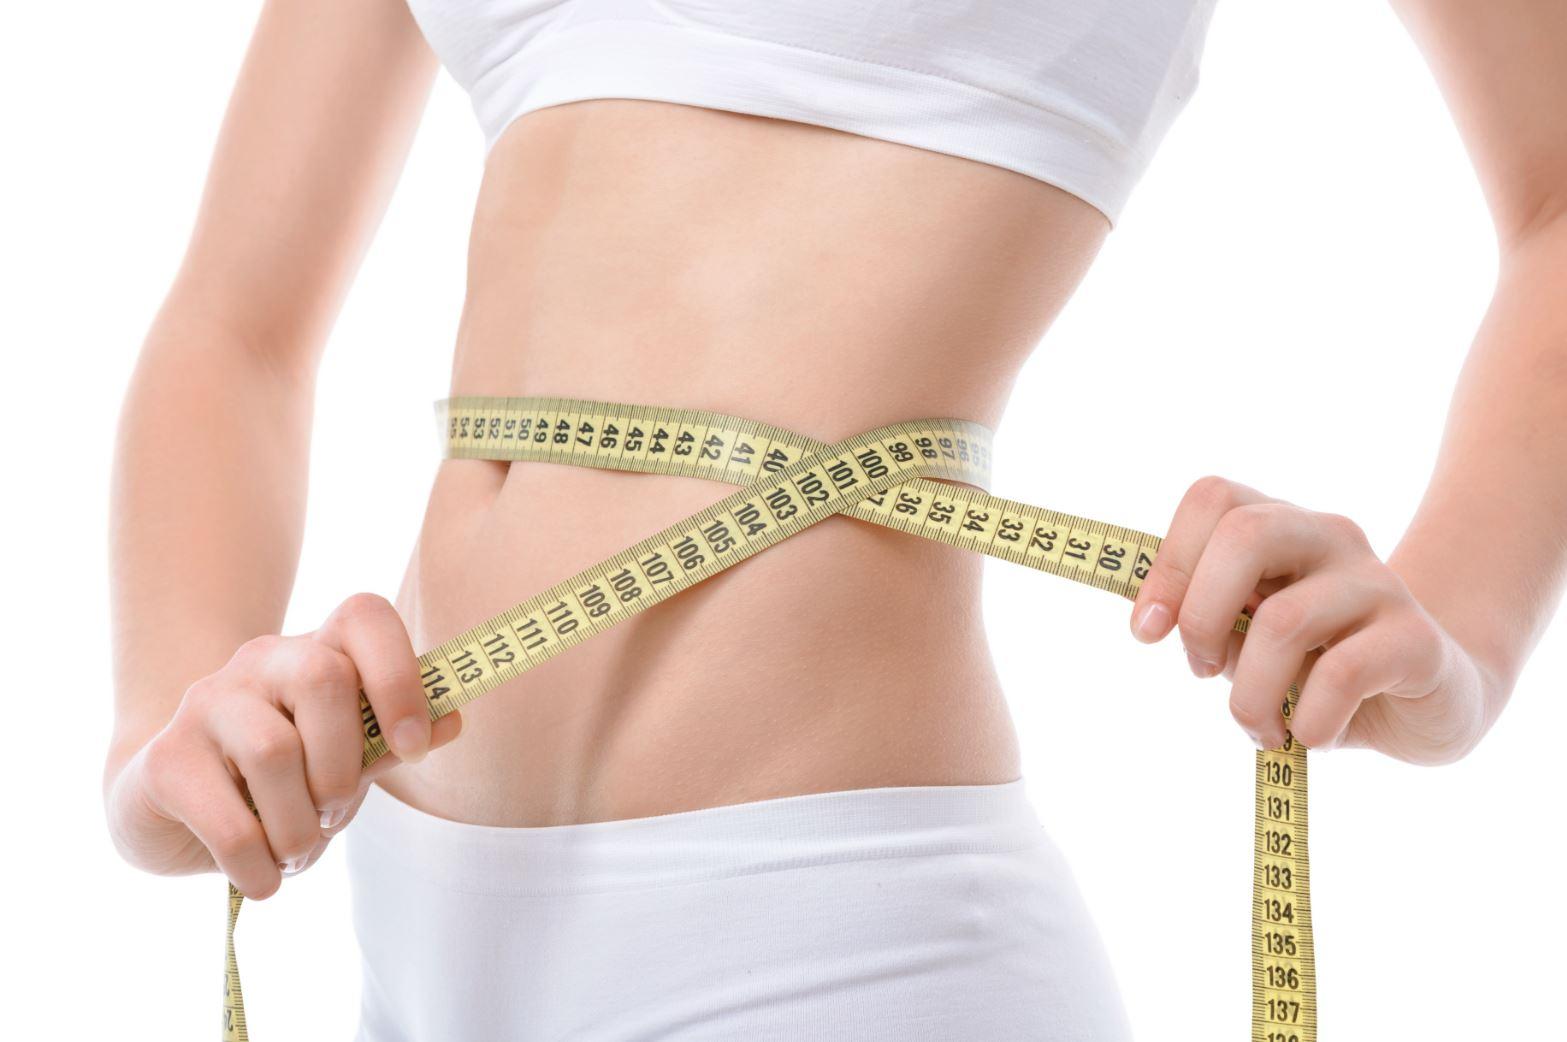 8 thói quen tốt giúp giảm cân tự nhiên không cần tập luyện